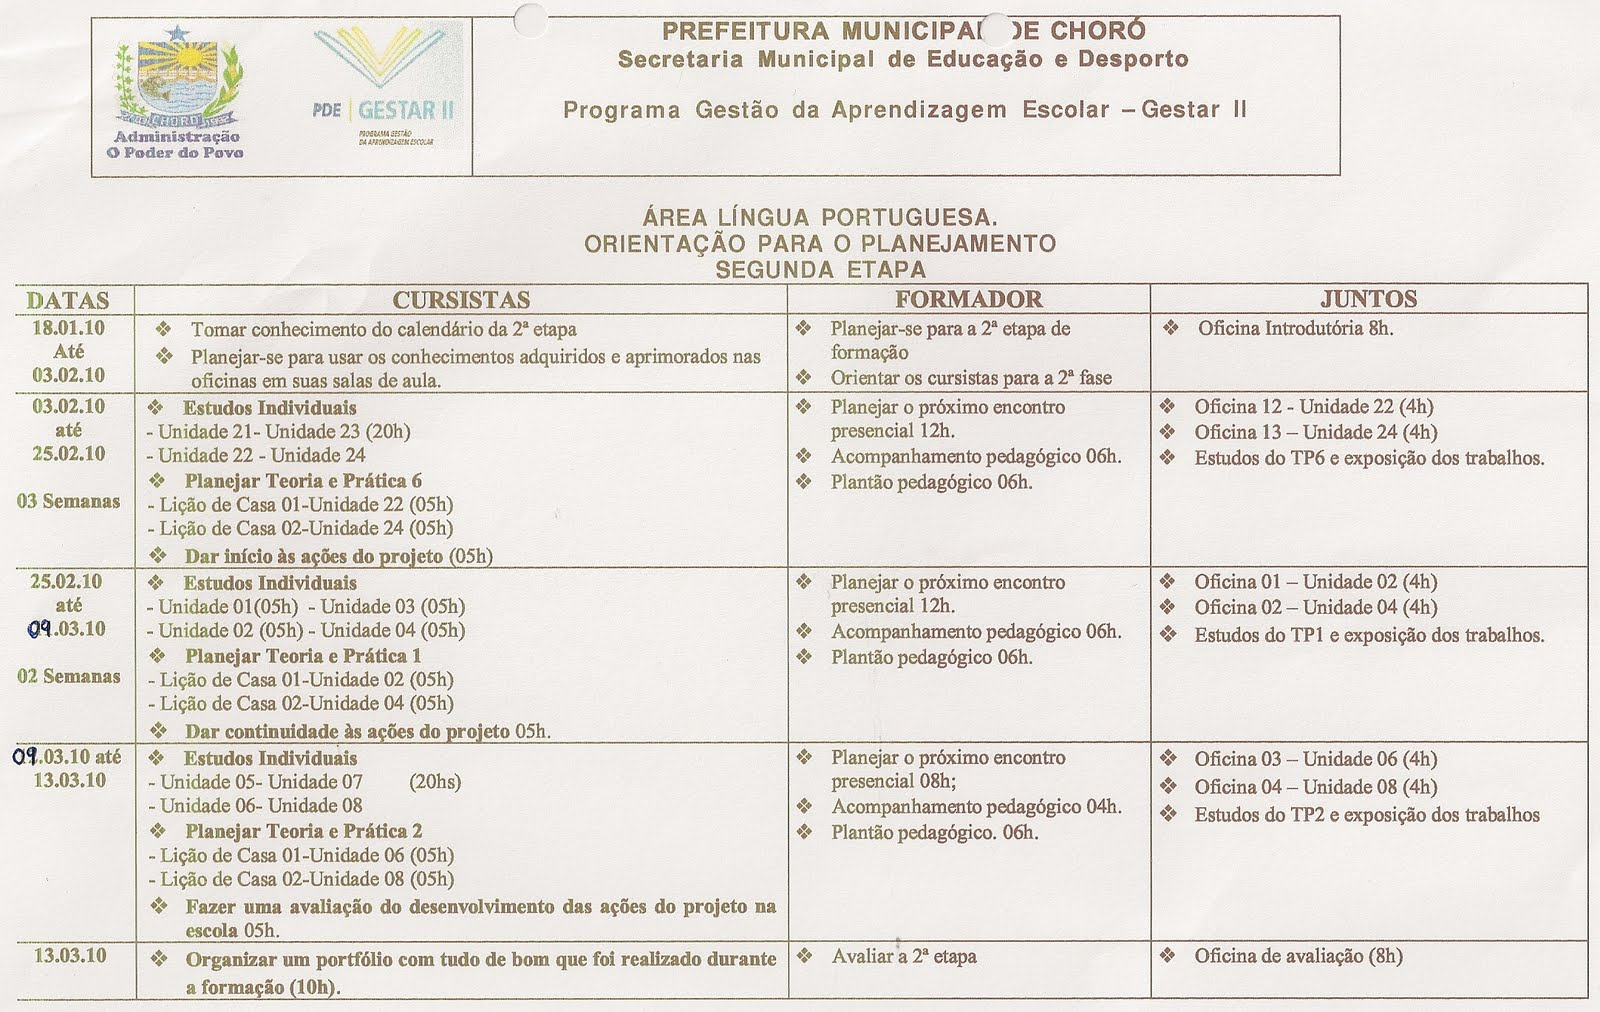 Orientação para planejamento 2ª etapa Língua Portuguesa